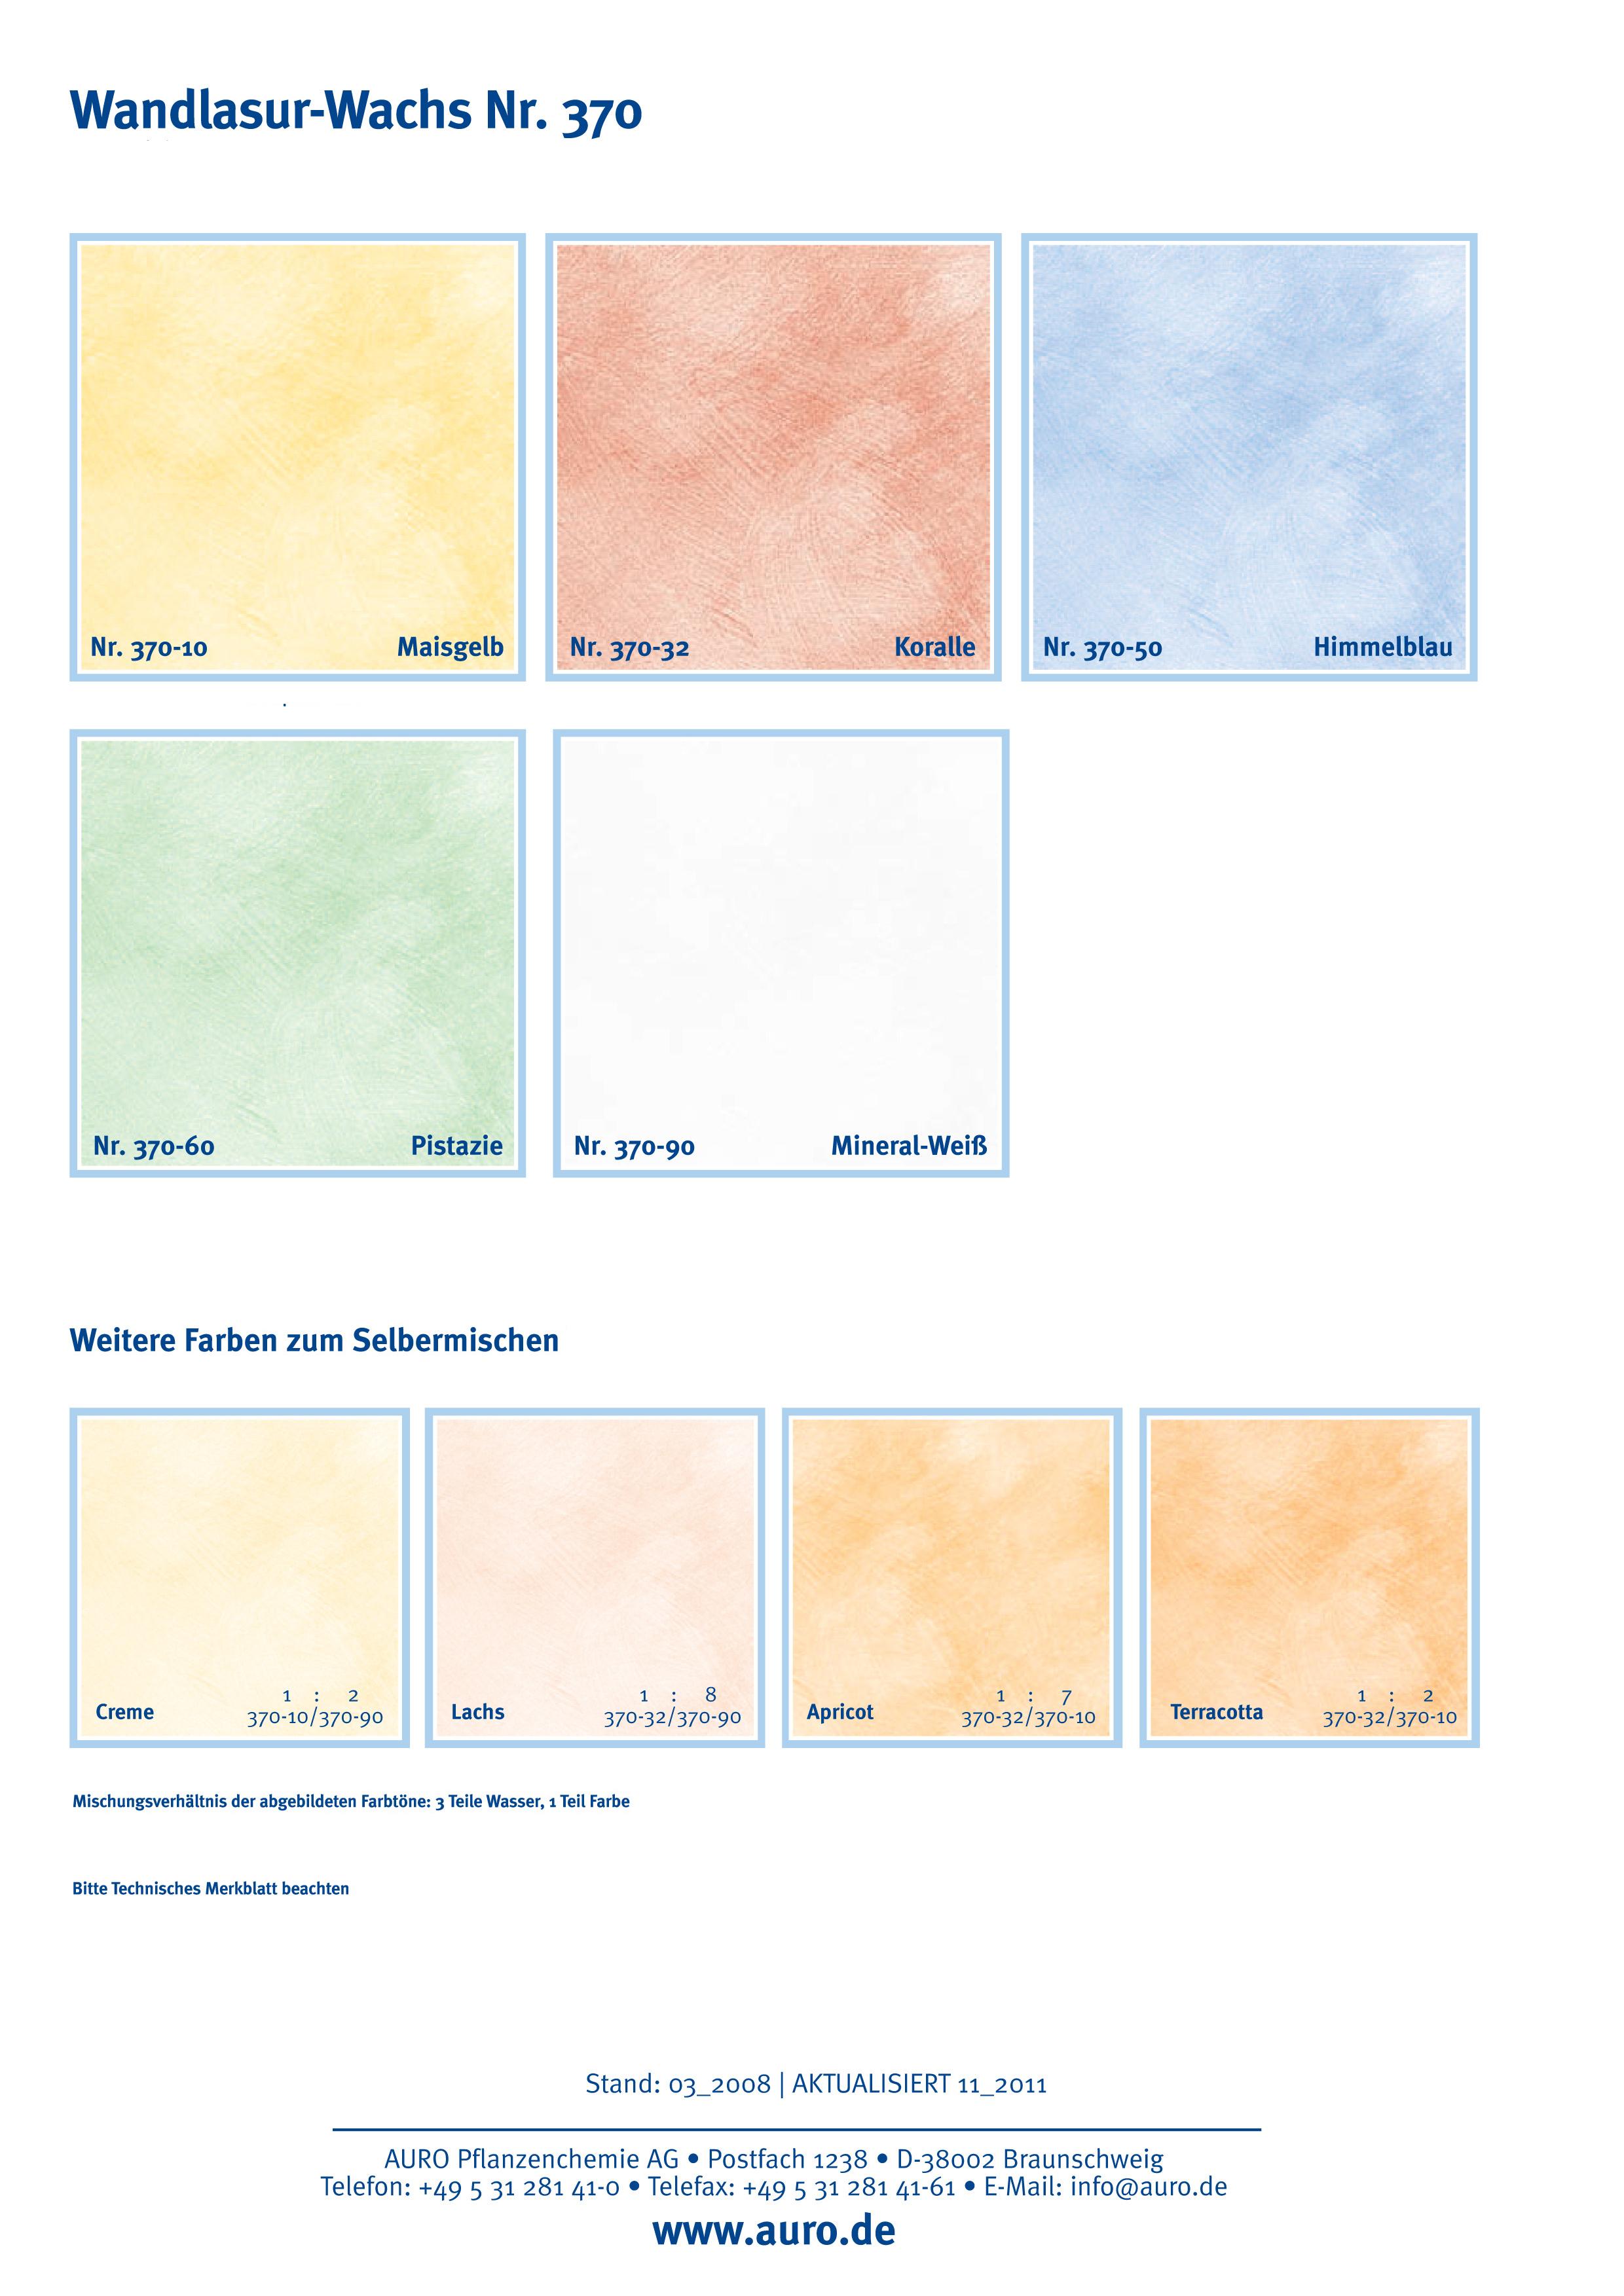 auro wandlasur-wachs nr. 370 - farbton naturfarben